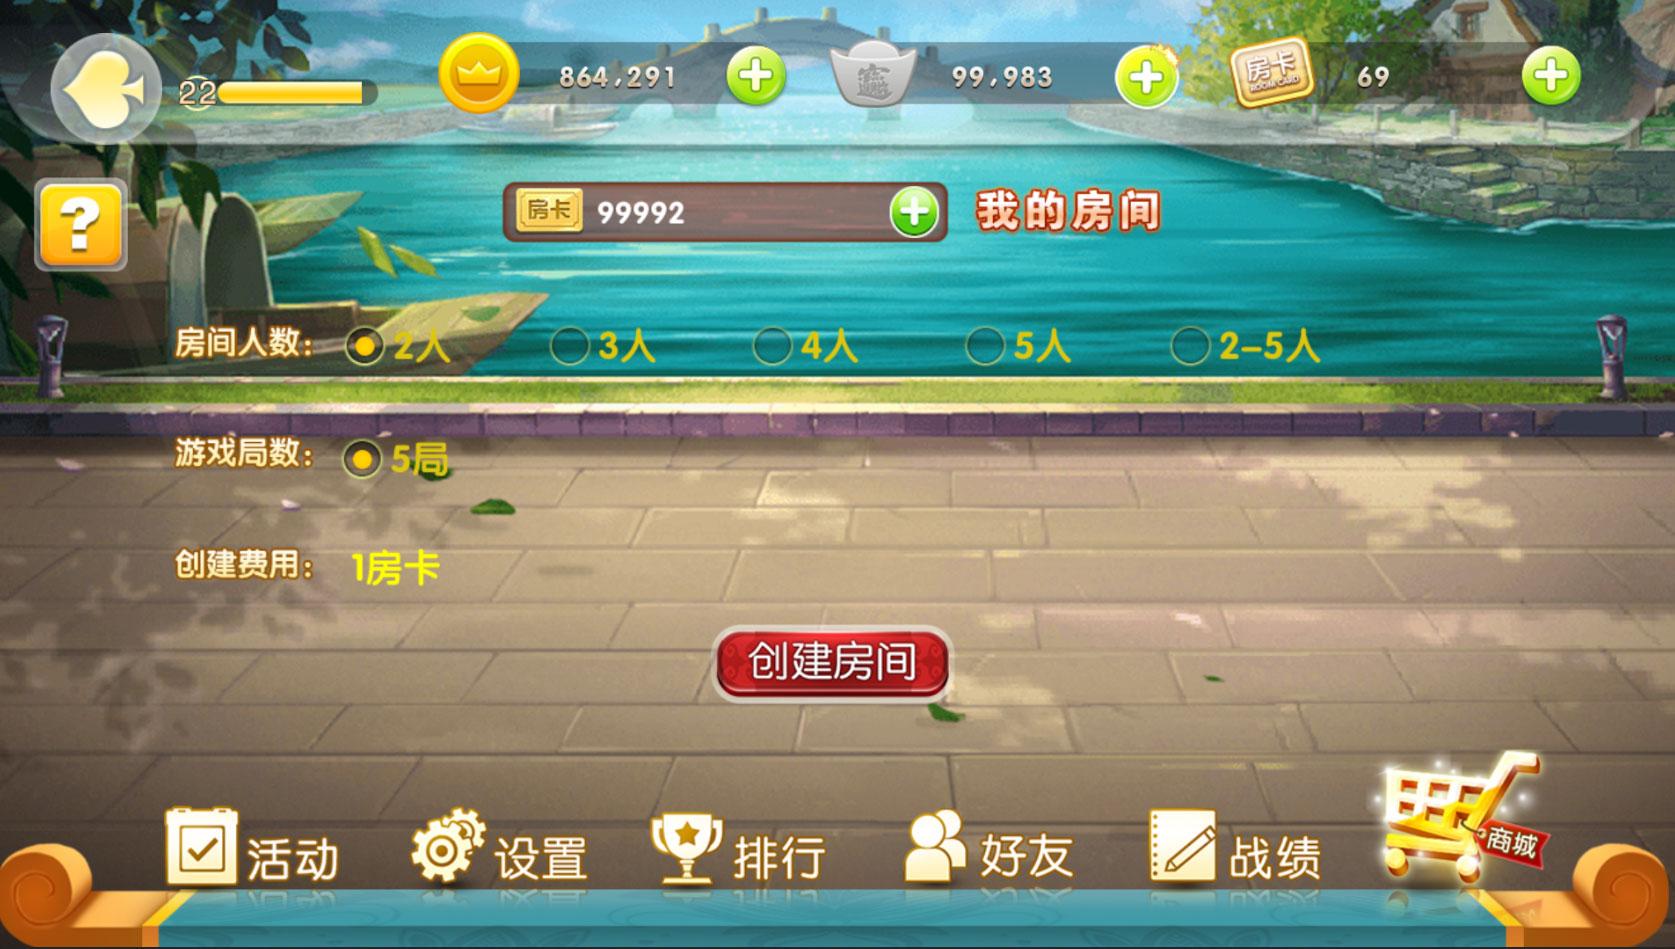 扎金花金三顺赢三张棋牌游戏开发定制app